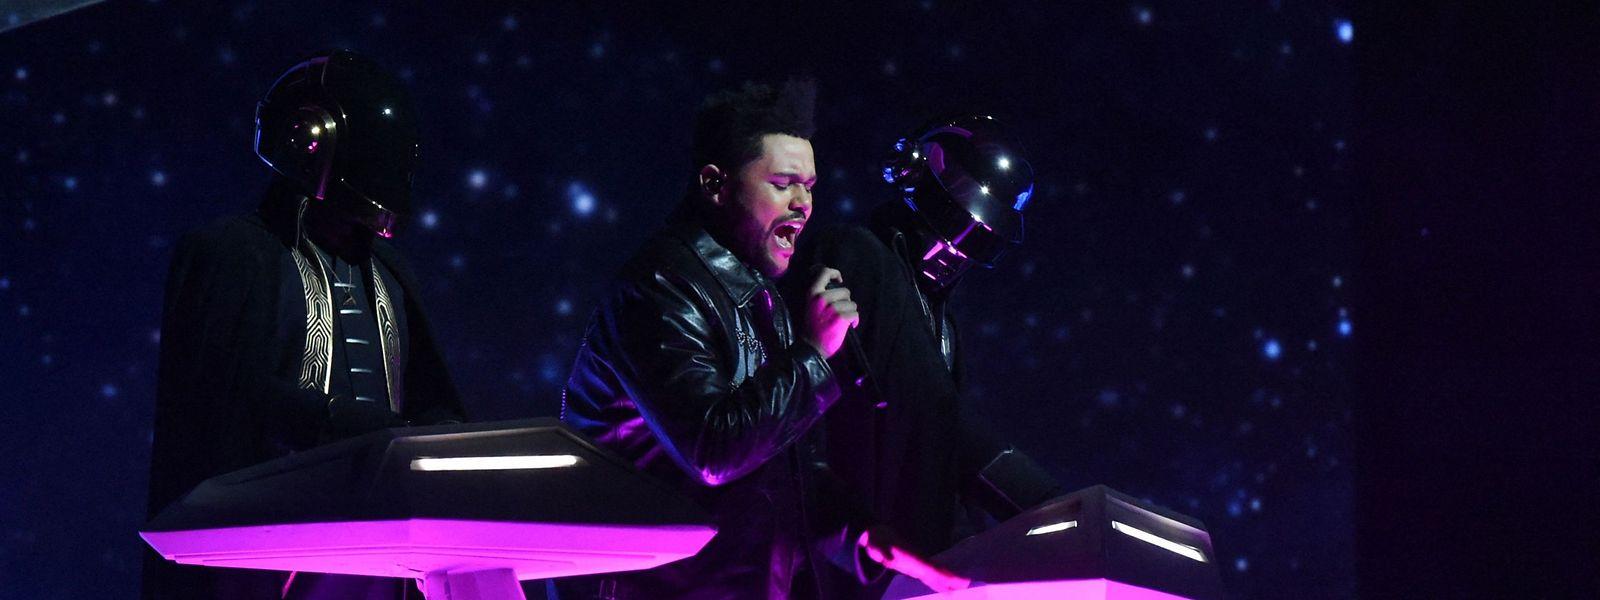 """Daft Punk und Sänger The Weeknd bei den Grammy-Awards 2017. Der gemeinsame Song """"Starboy"""" wurde zum Welthit."""